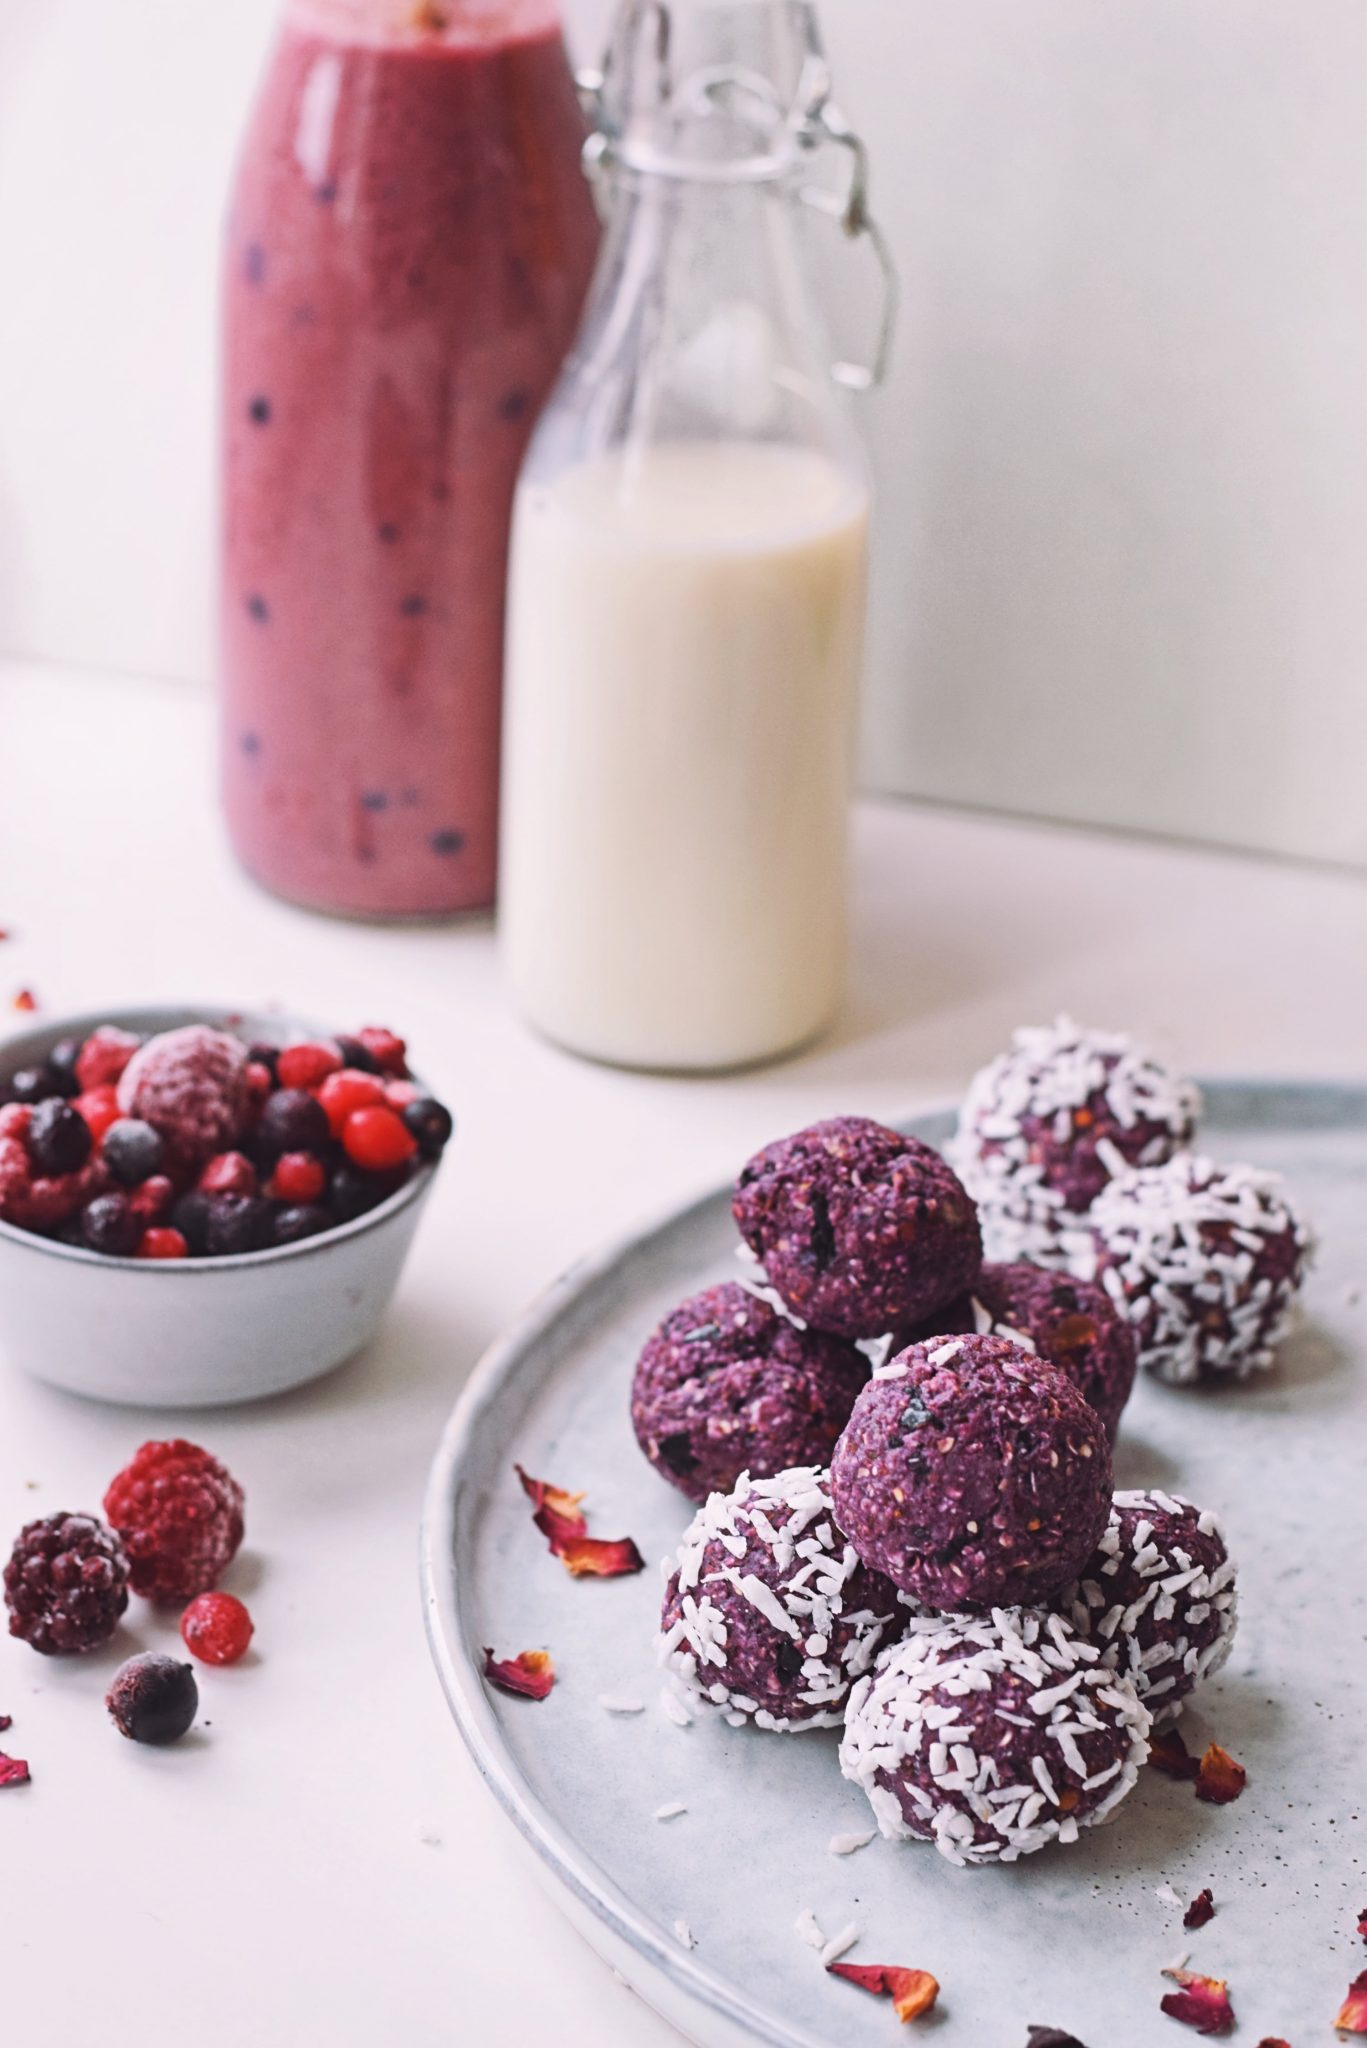 Recept voor Valentijnsdag: bliss balls van frambozen | Gezonde snack